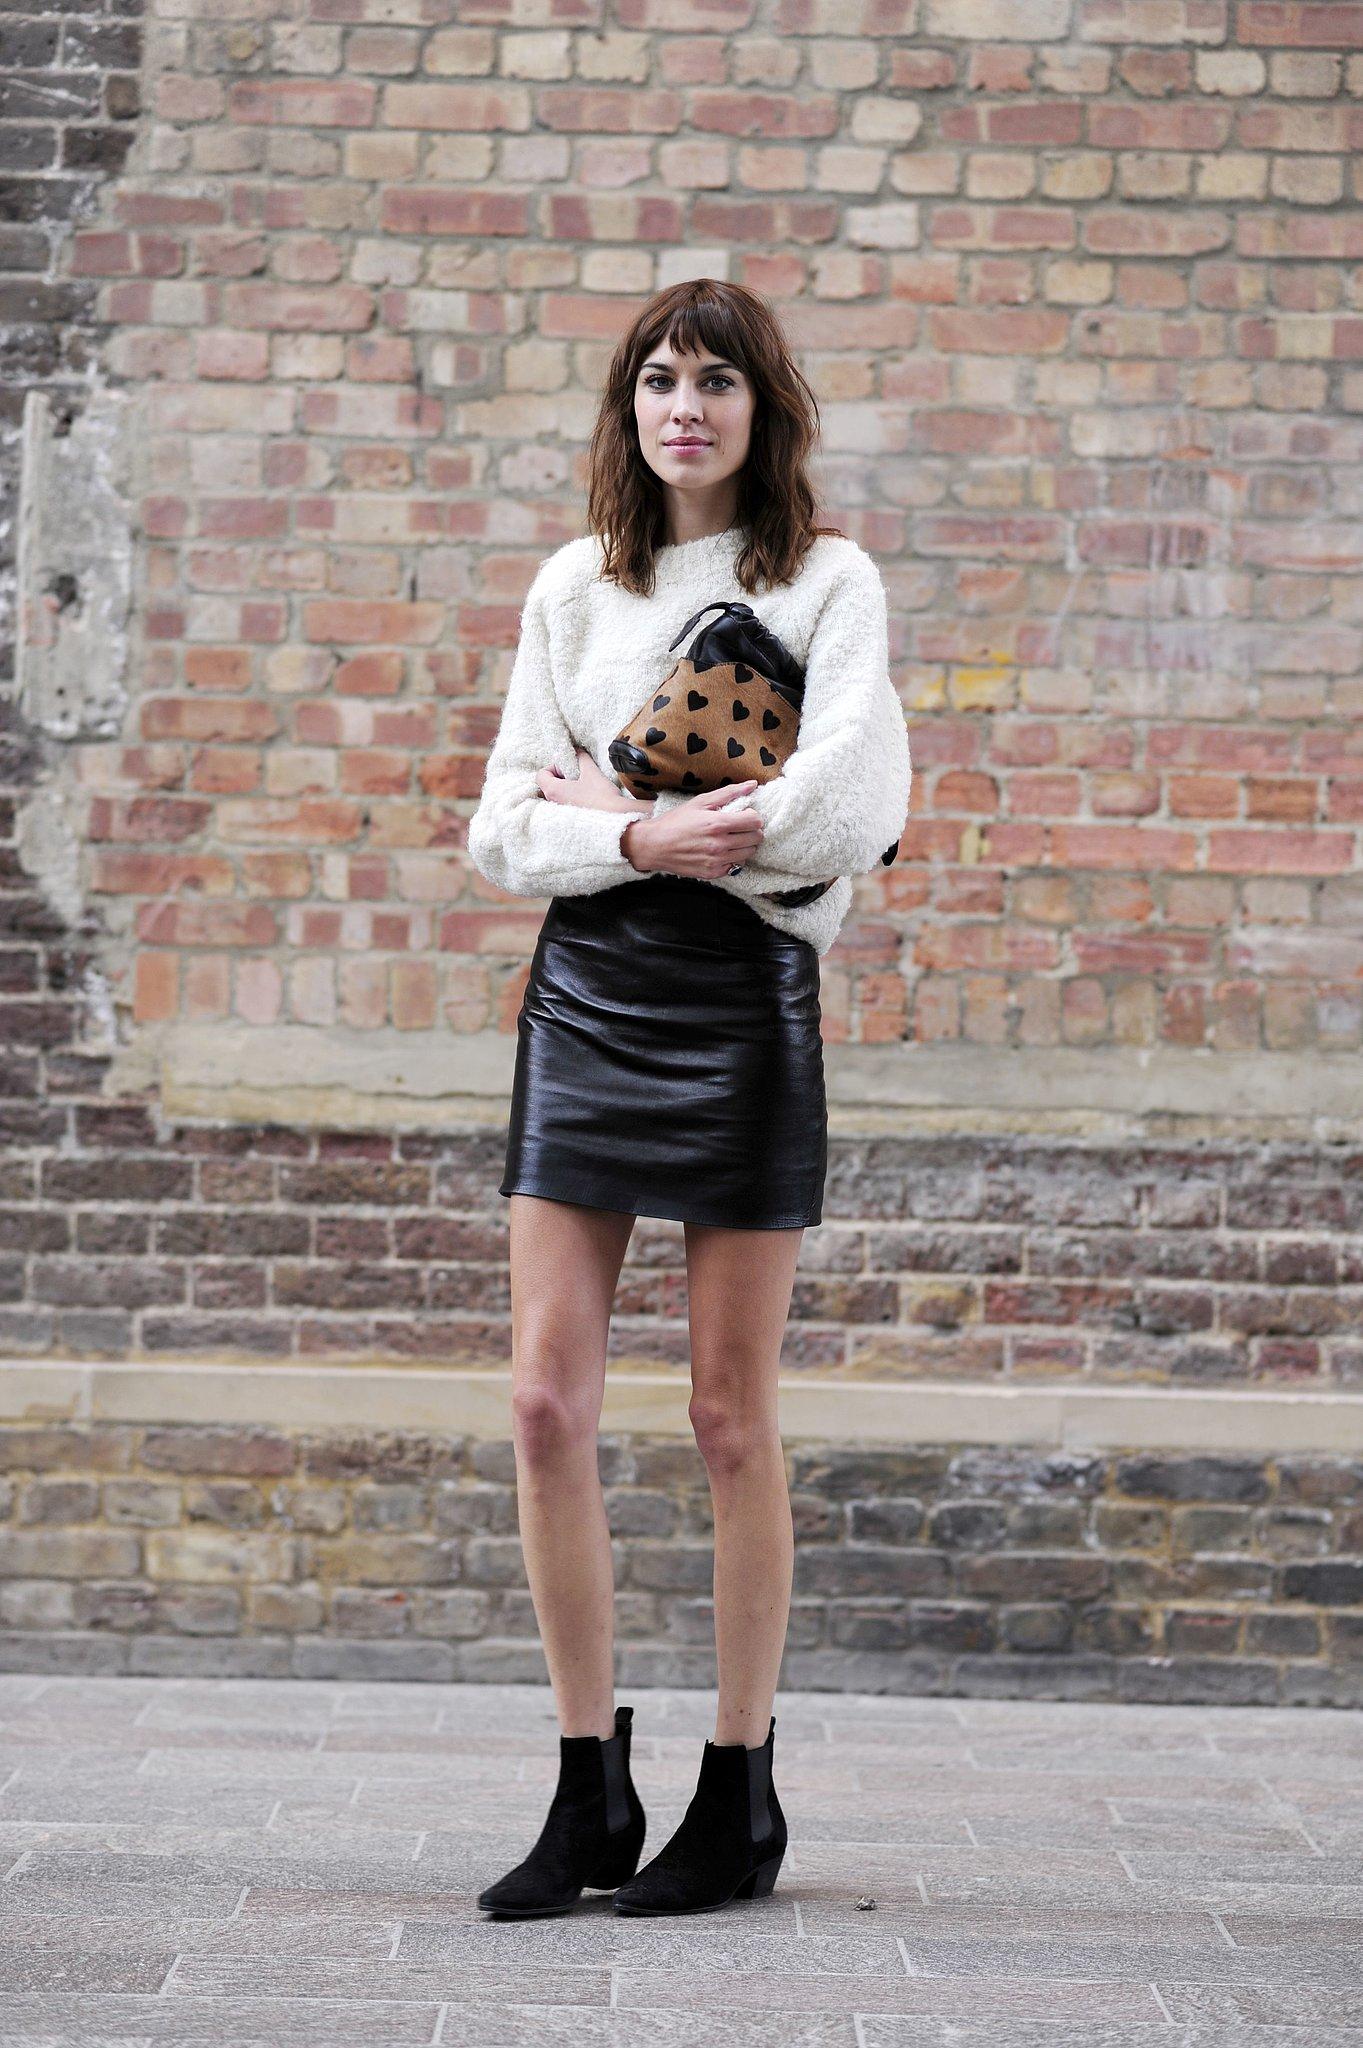 Alexa-Chung-Topshop-Burberry-London-Fashion-Week-Spring-14.jpg